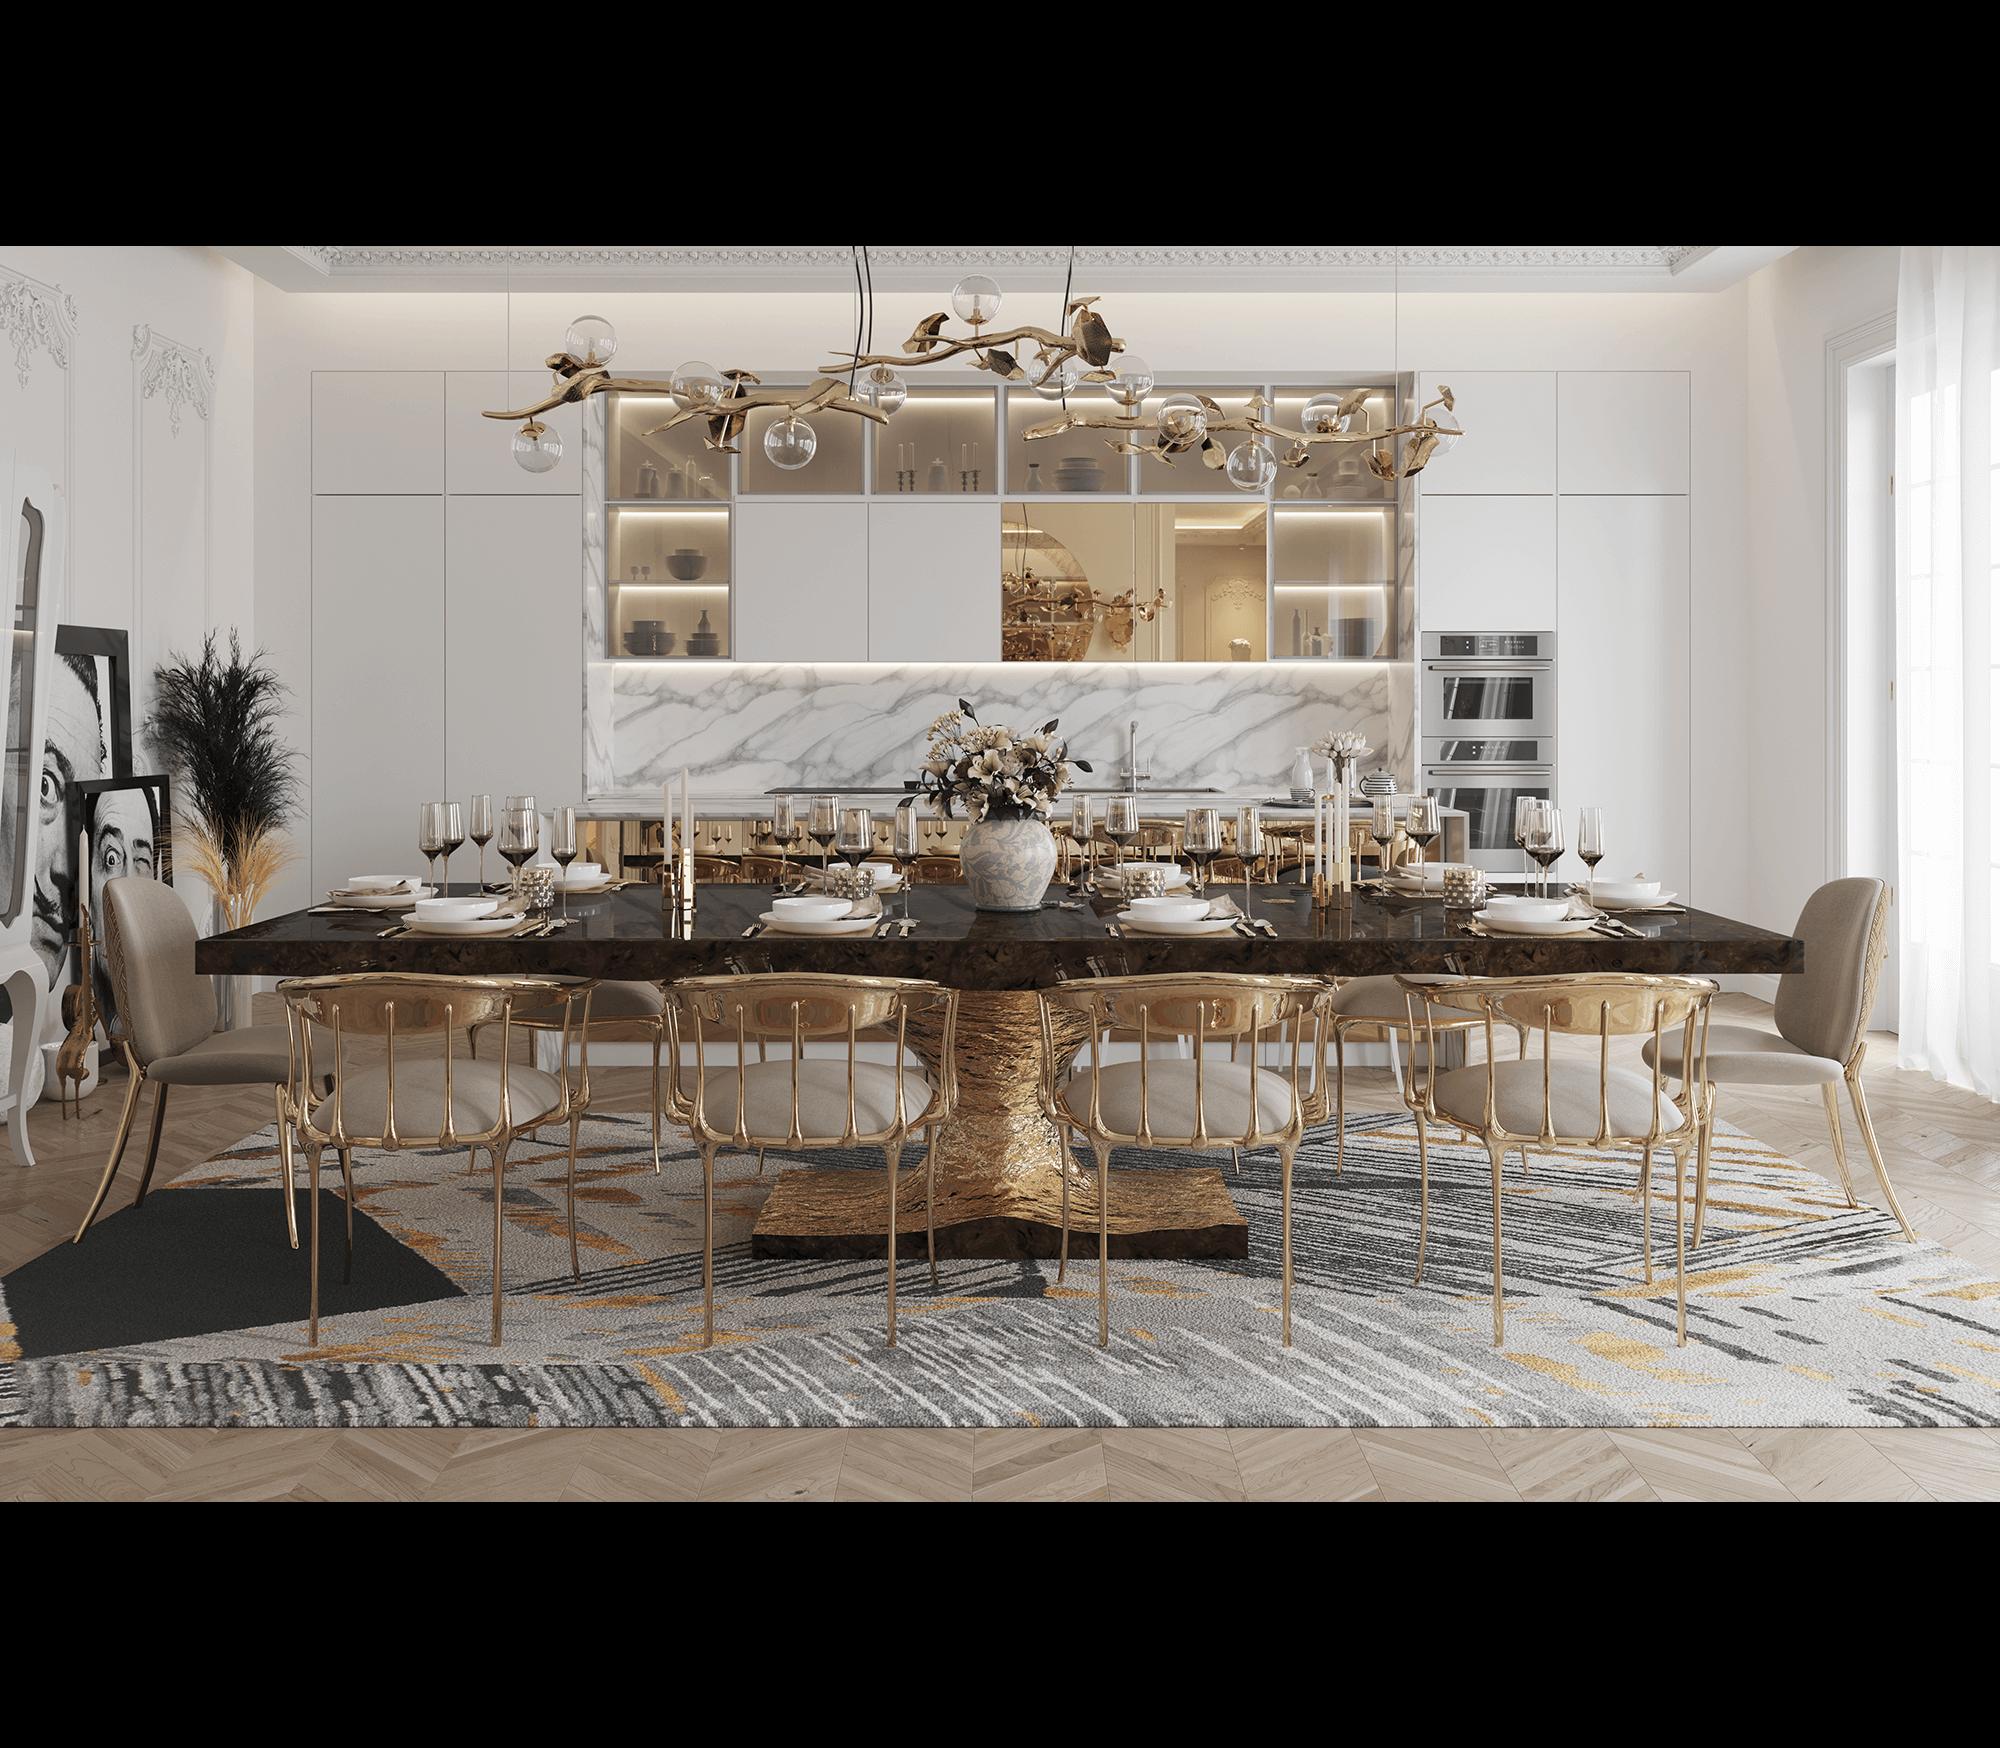 Metamorphosis Dining Table Boca Do, Olinde 8217 S Dining Room Furniture Sets